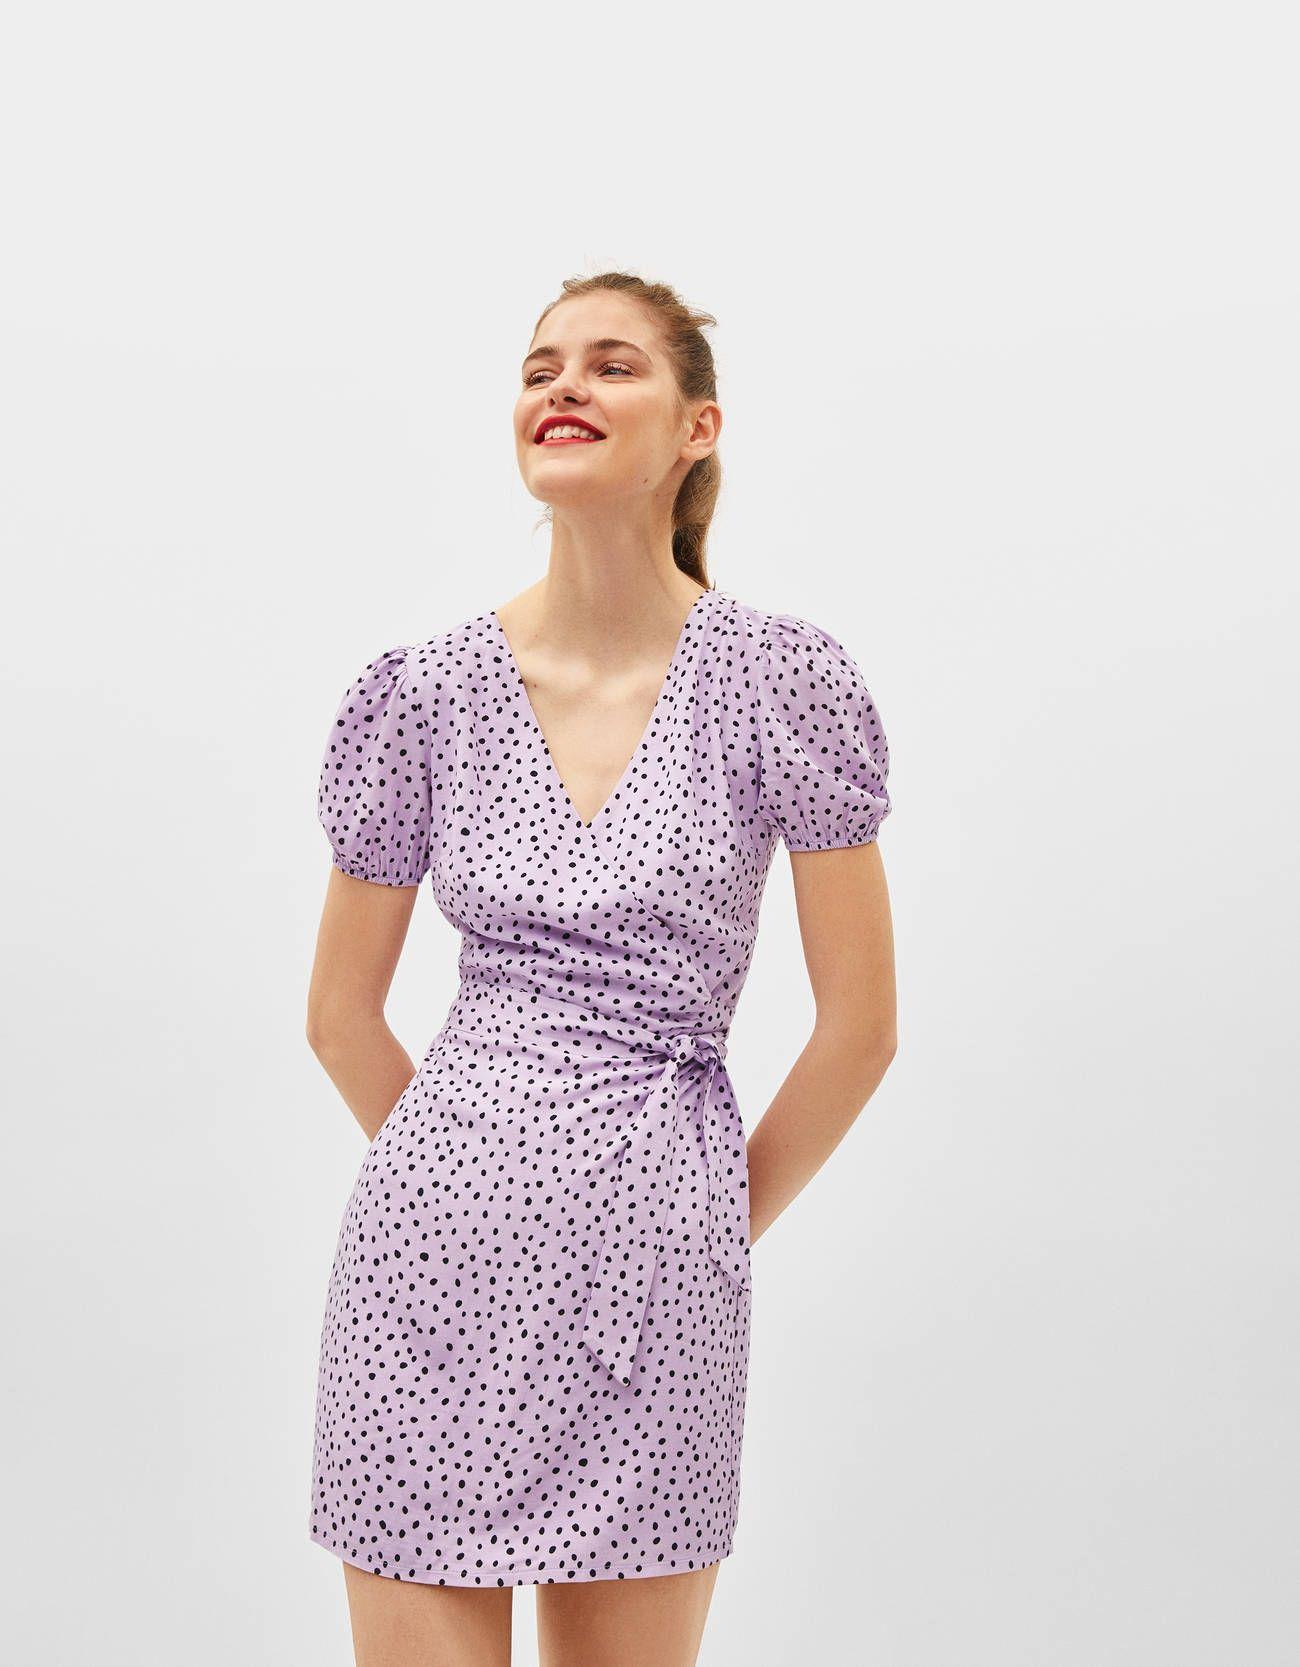 dff50532b85 El vestido corto con manga abullonada de Berhska que jamás hubiese comprado